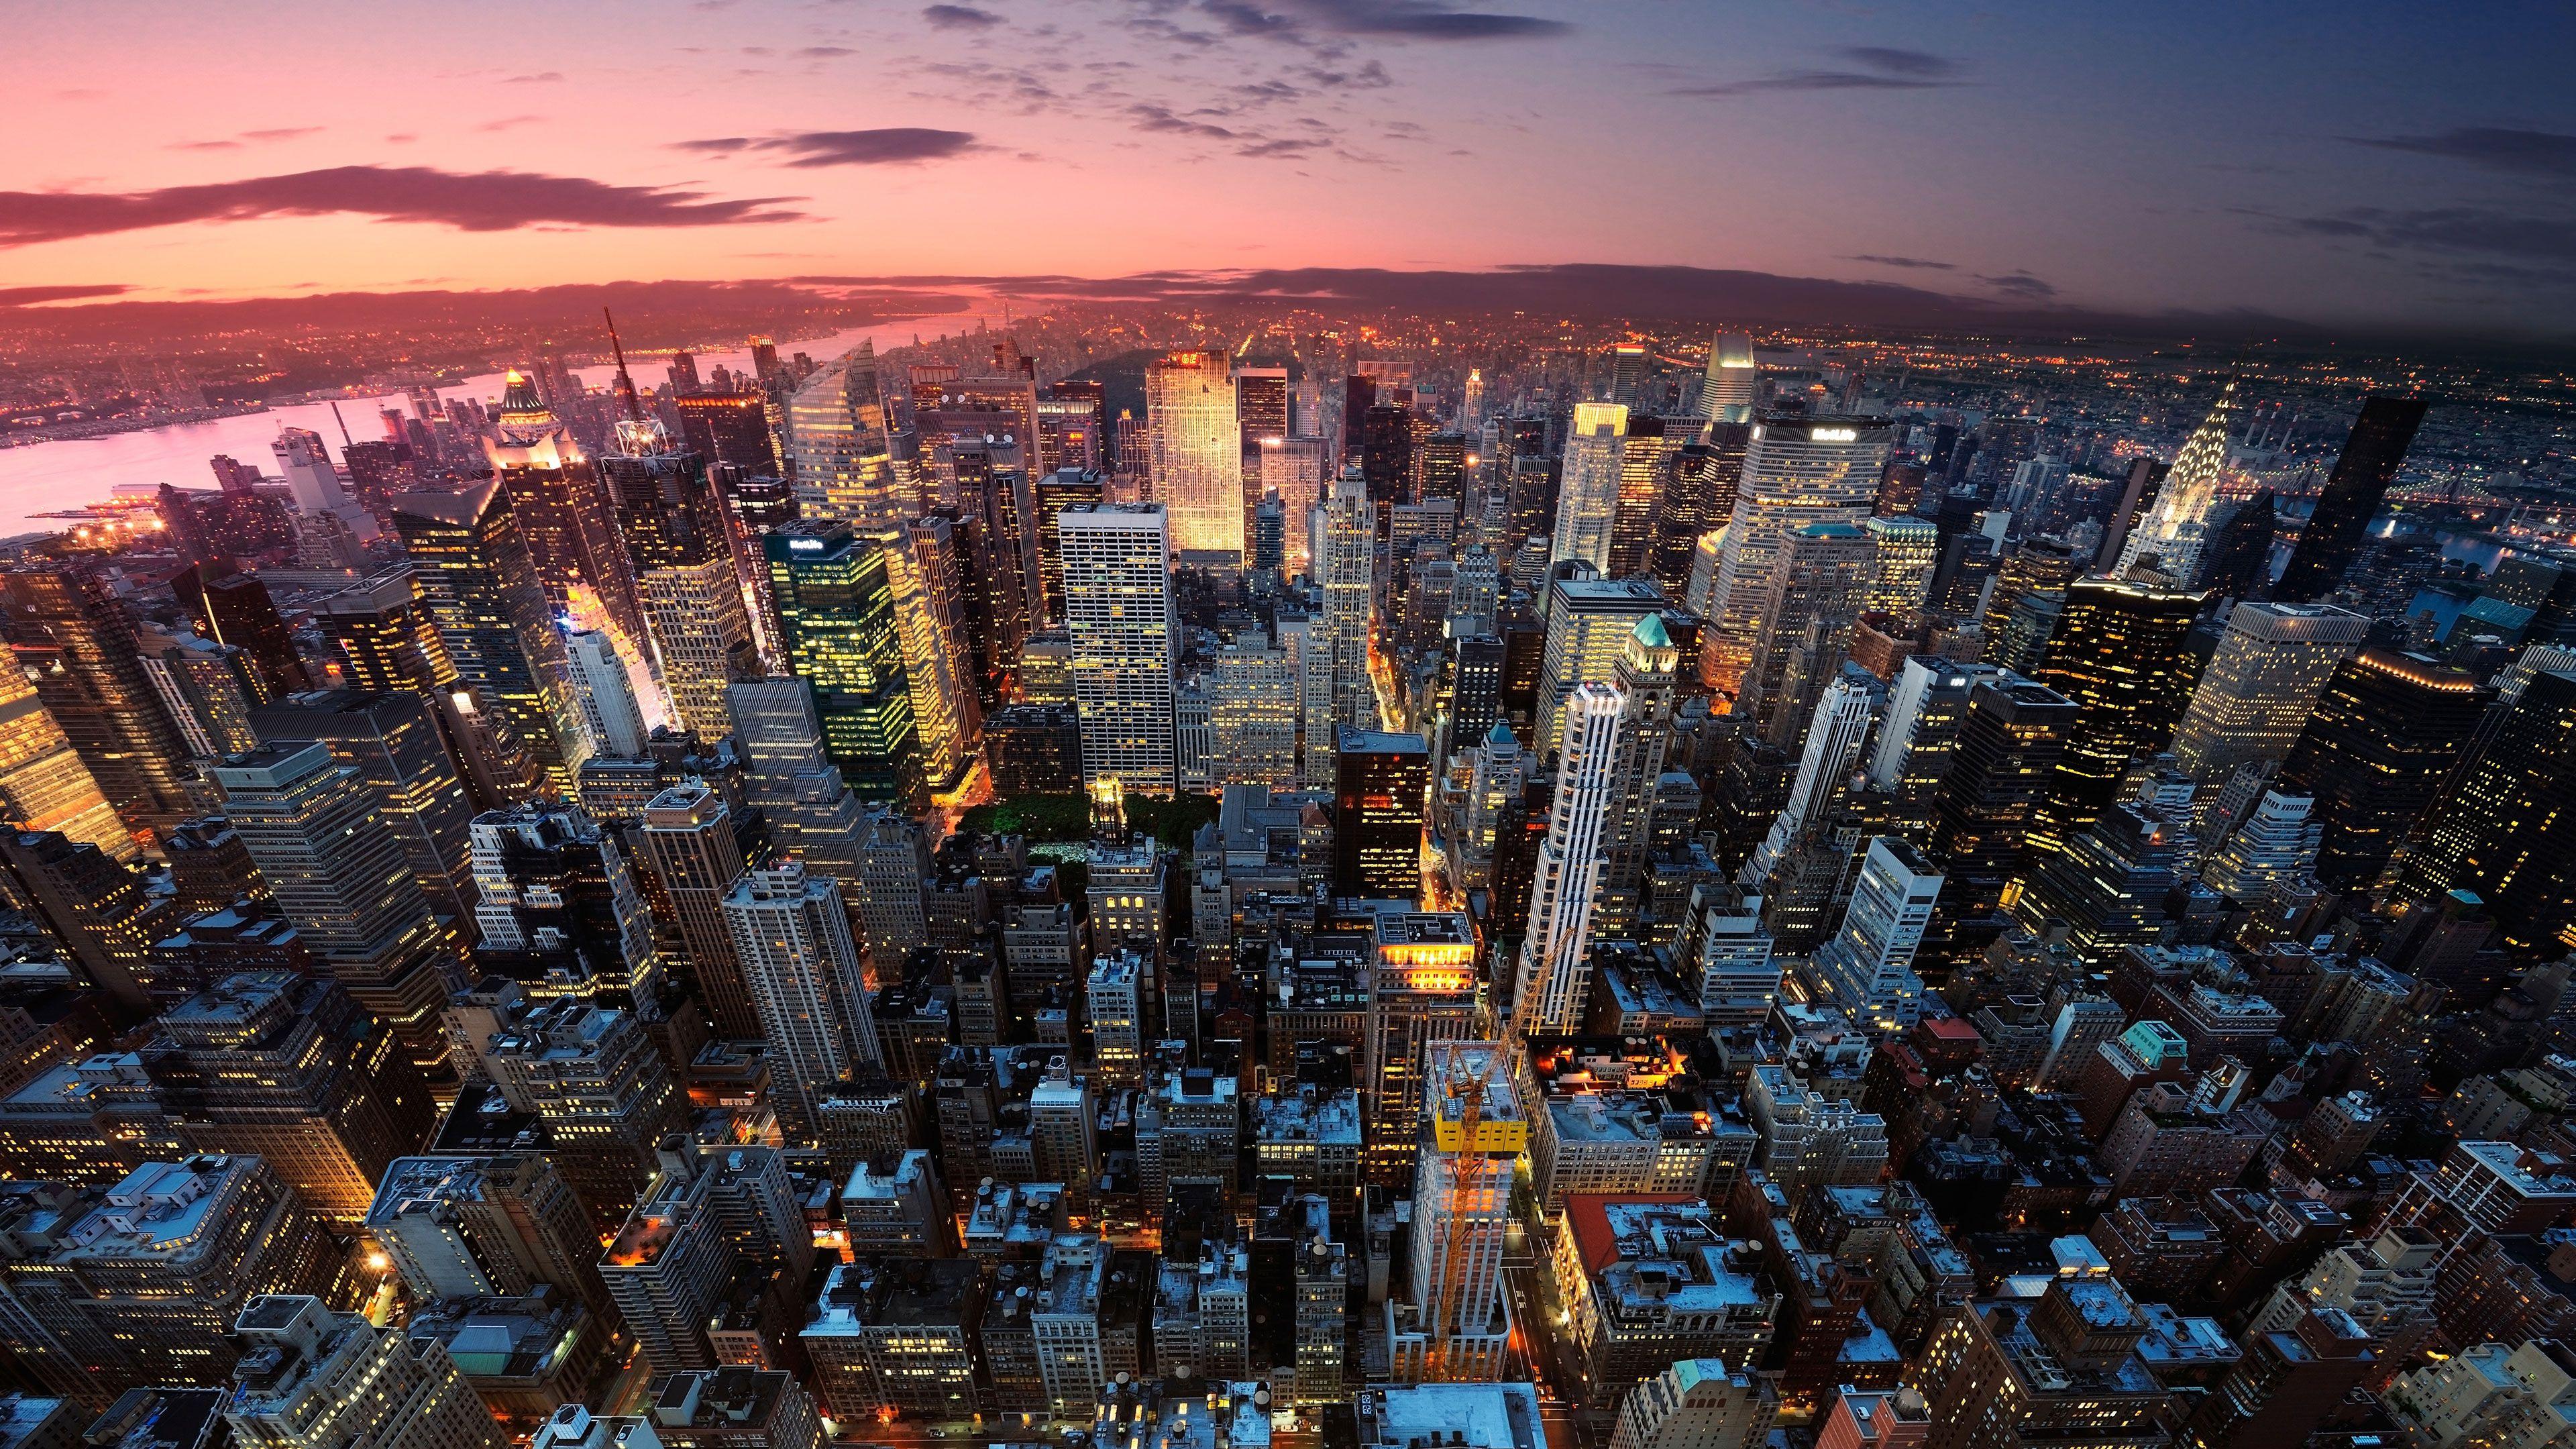 wallpaper of New York City 4K